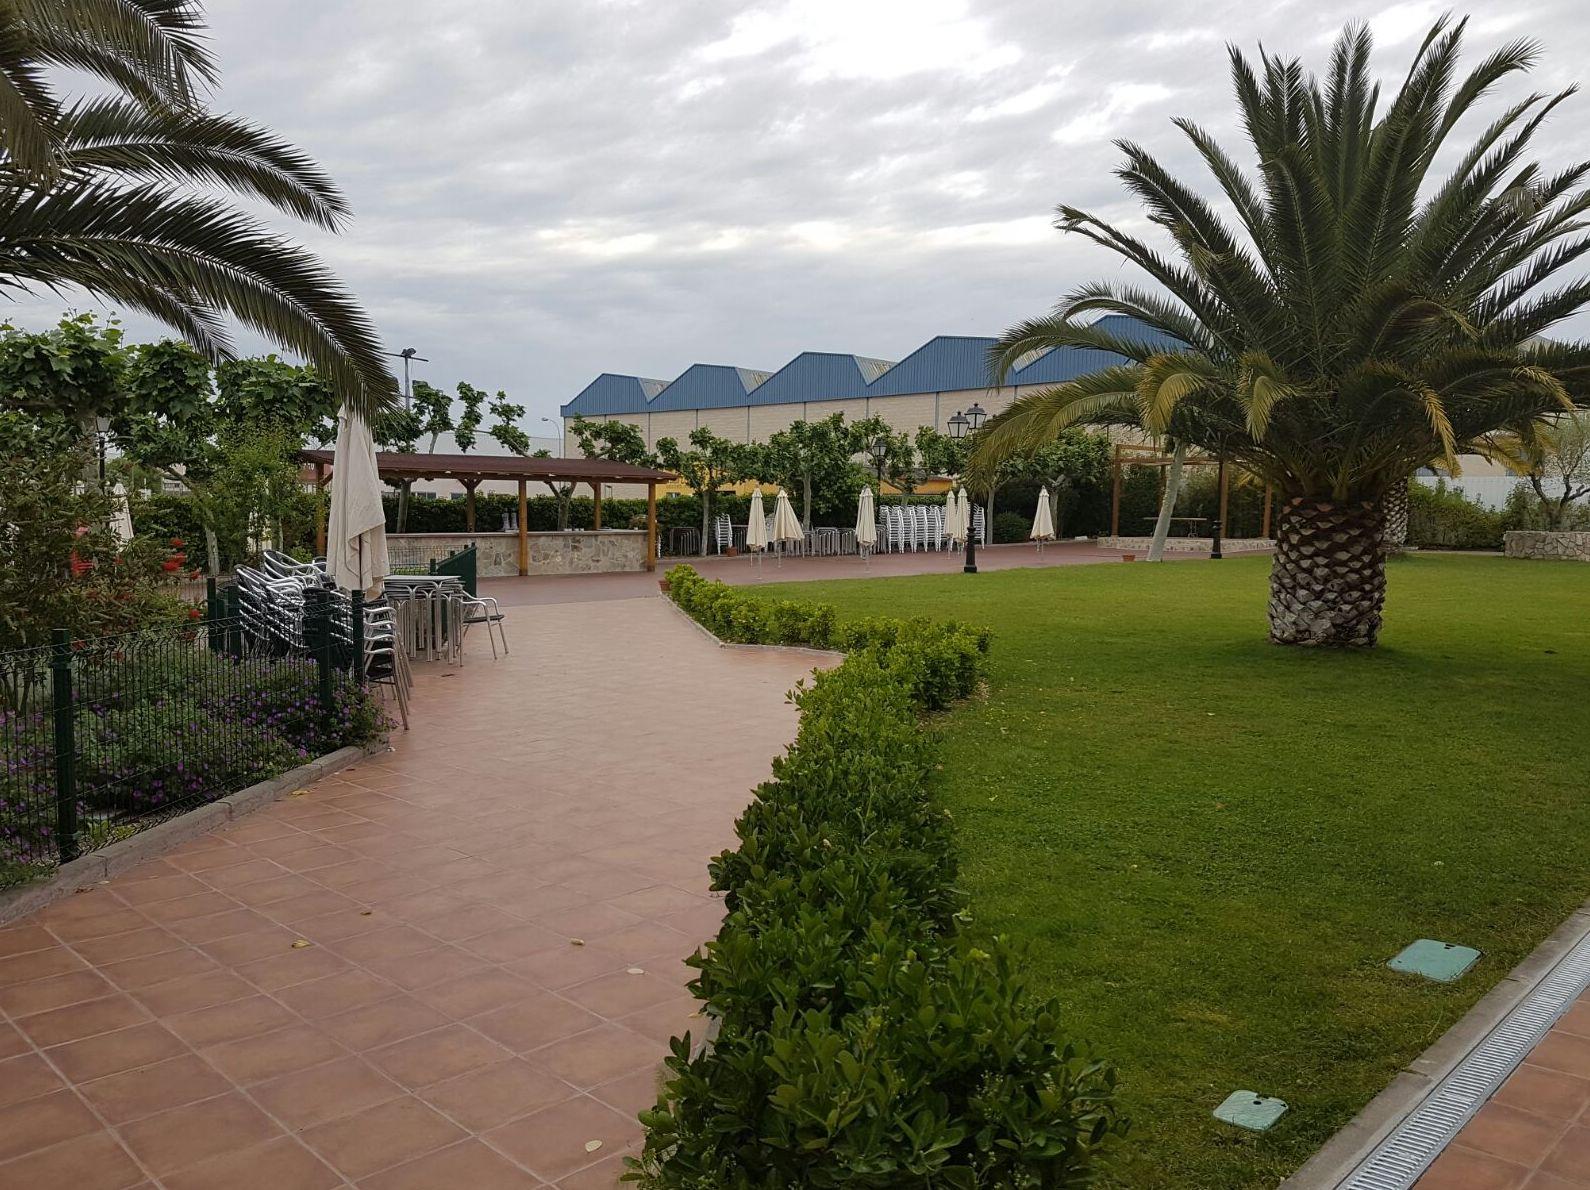 Restaurante con jardines Mostoles